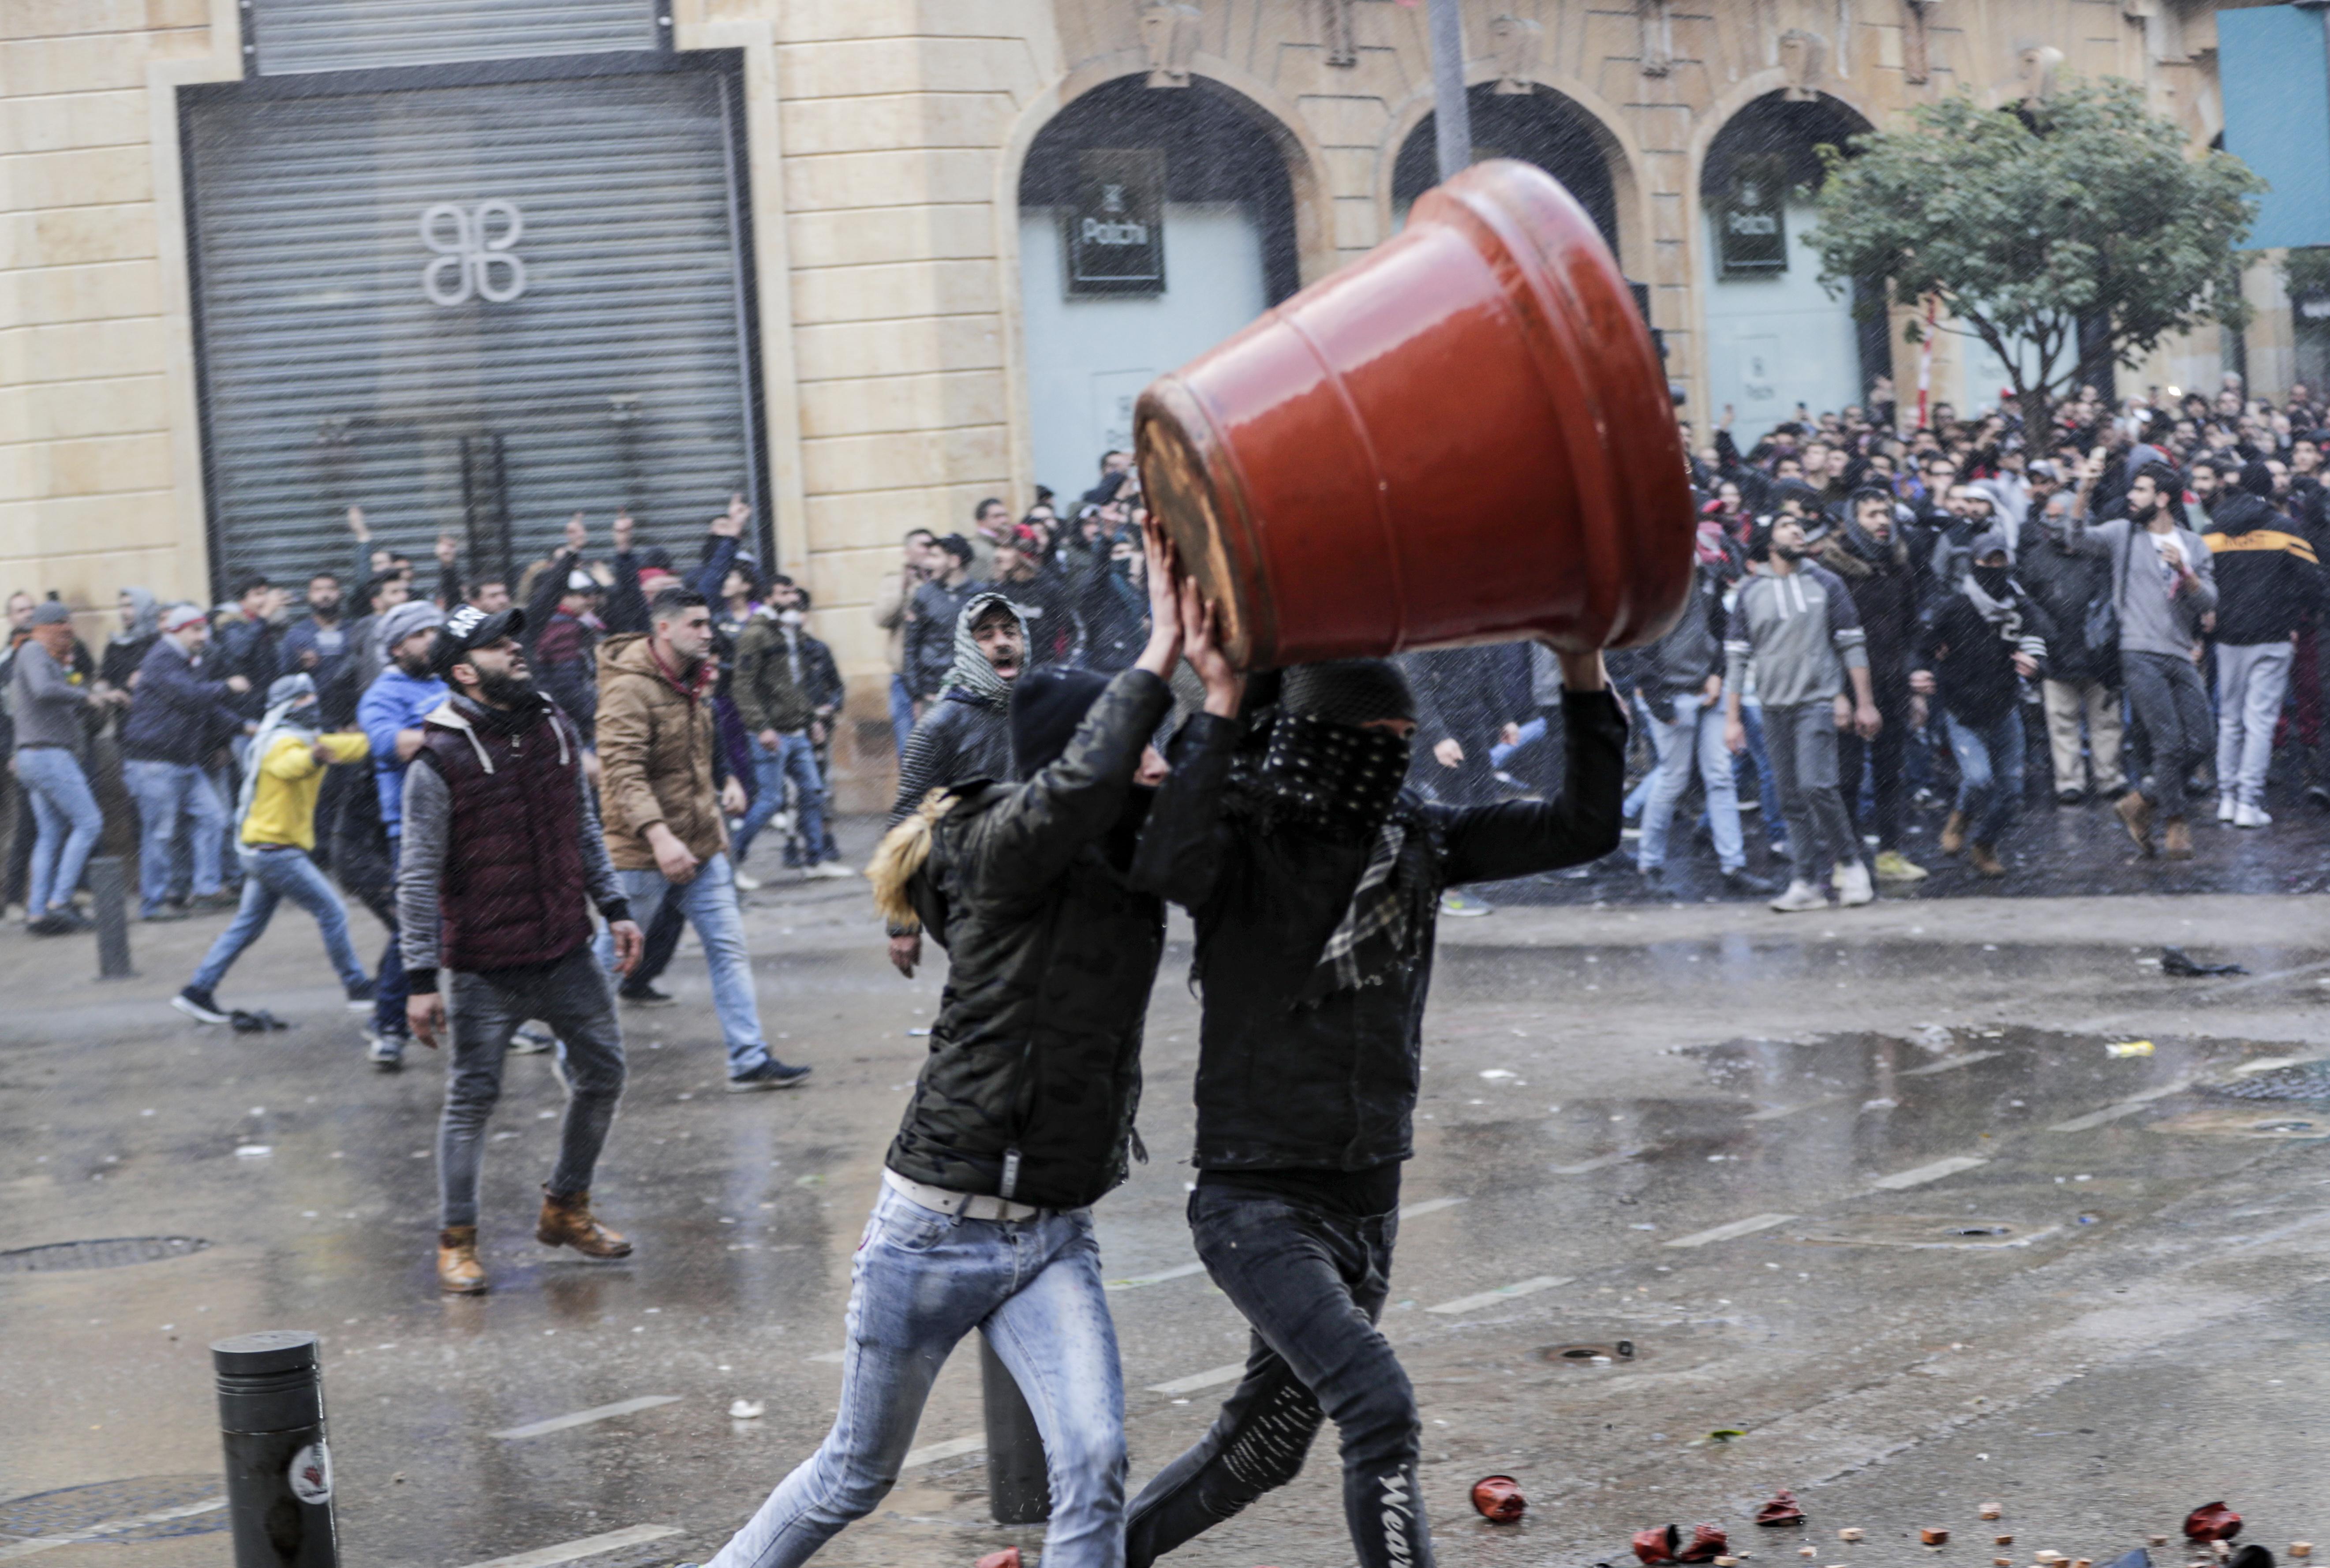 اشتباكات بين محتجين لبنانيين وقوى الأمن قرب البرلمان وسط بيروت